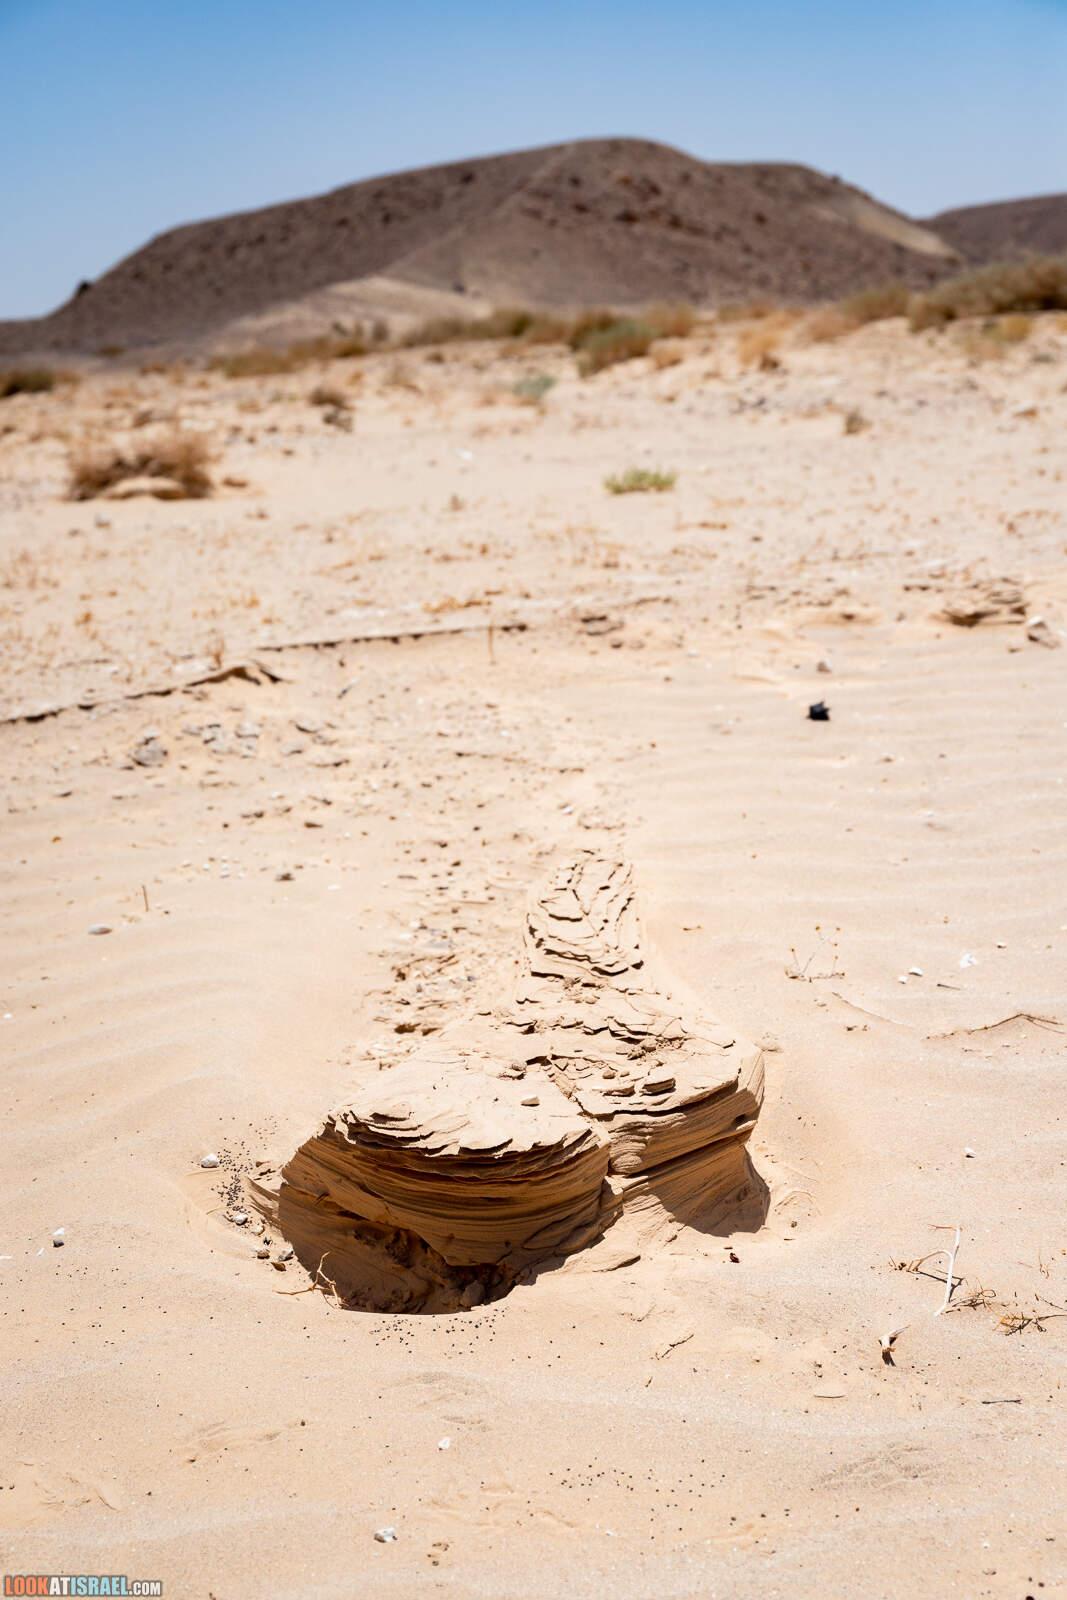 Млечный путь в Махтеш Рамон, внедорожное путешествие по ручьям Нахаль Карком и Маазар, Махтеш Ариф и Долина родников - ручей Кибуцим